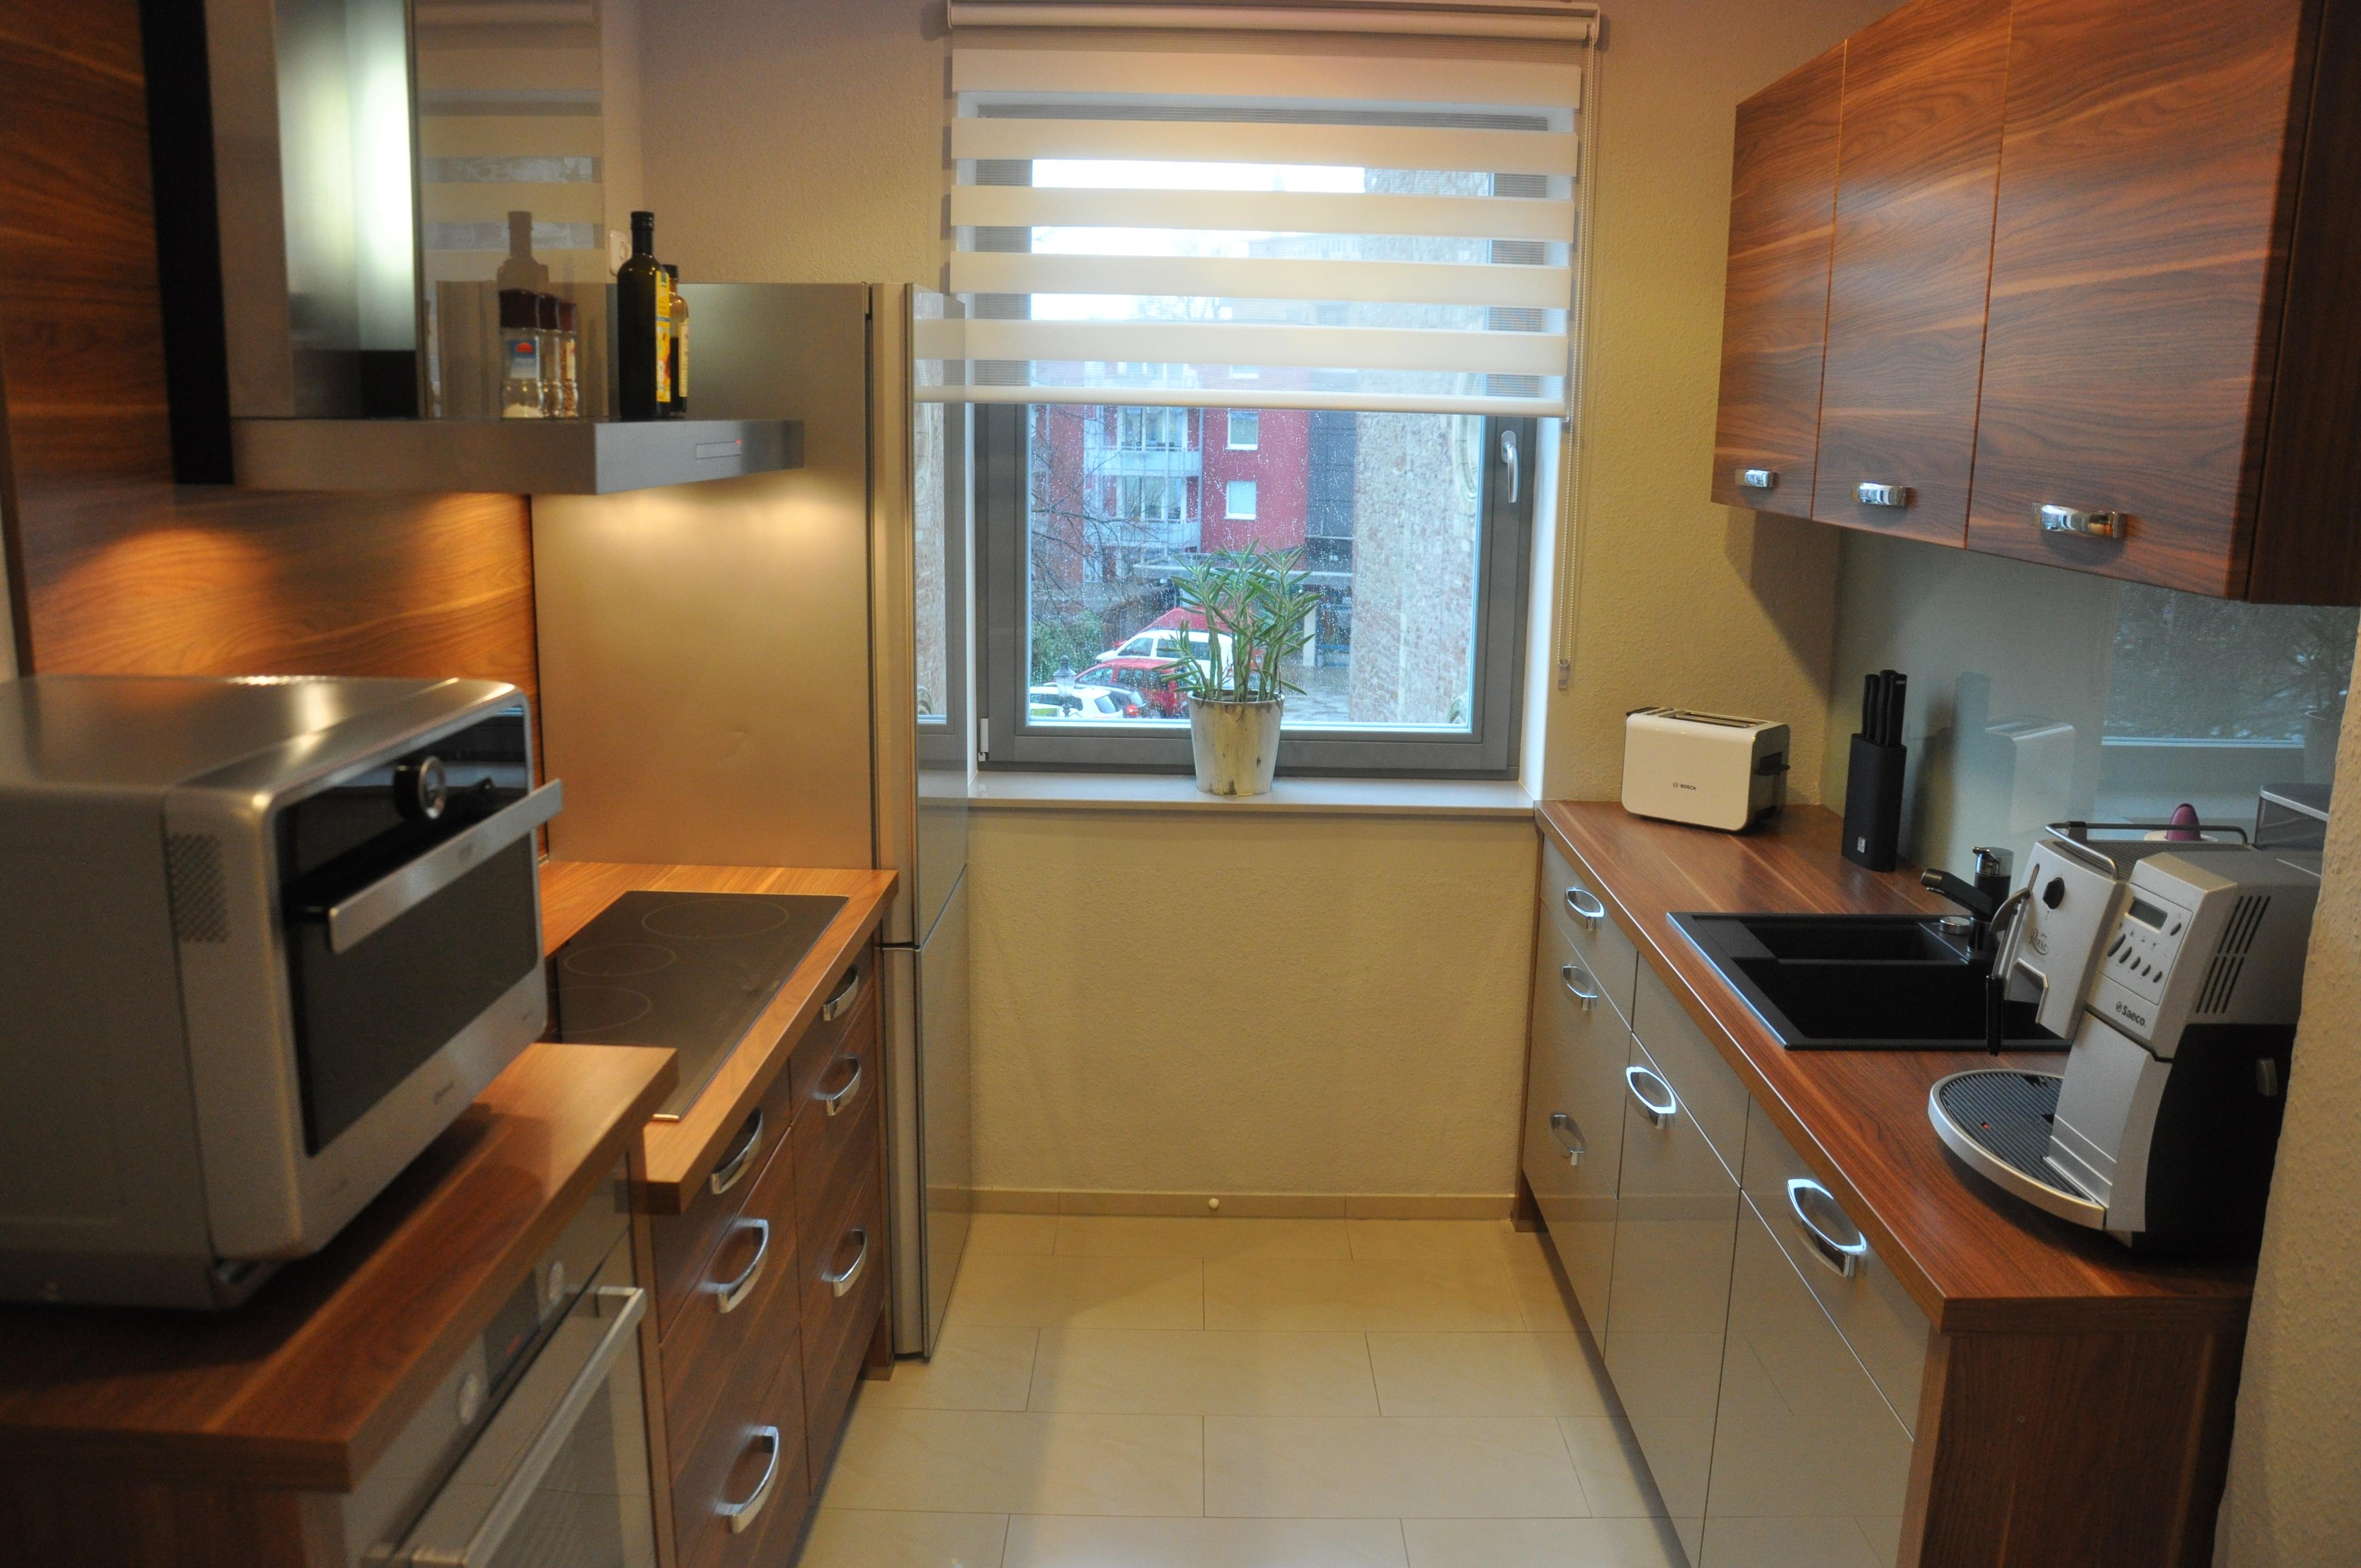 Unsere komplett ausgestattete Einbauküche mit allen erdenklichen Elektrogeräten